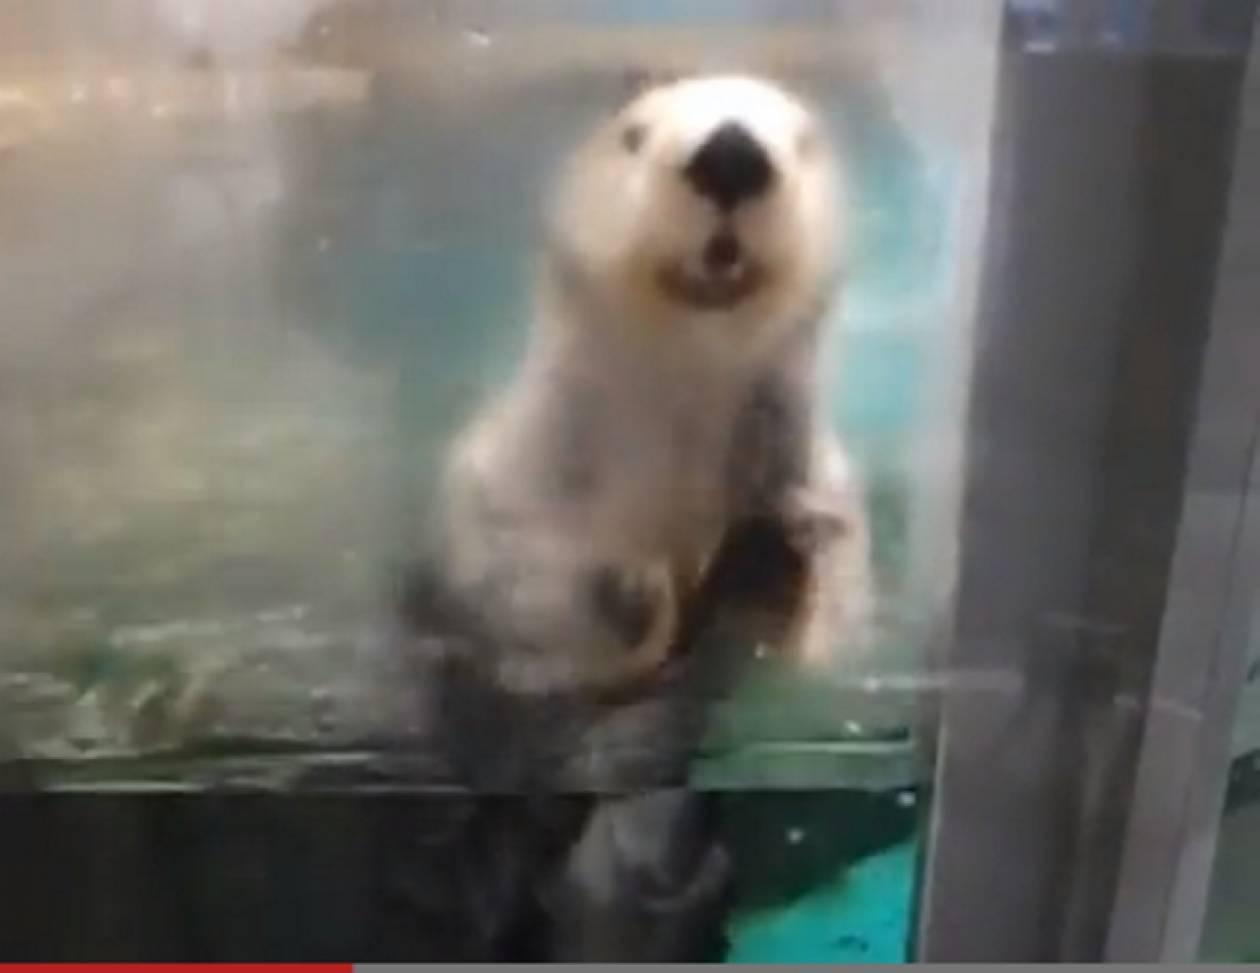 Βίντεο: Κι όμως αυτή η μικρή βίδρα σας... ικετεύει!